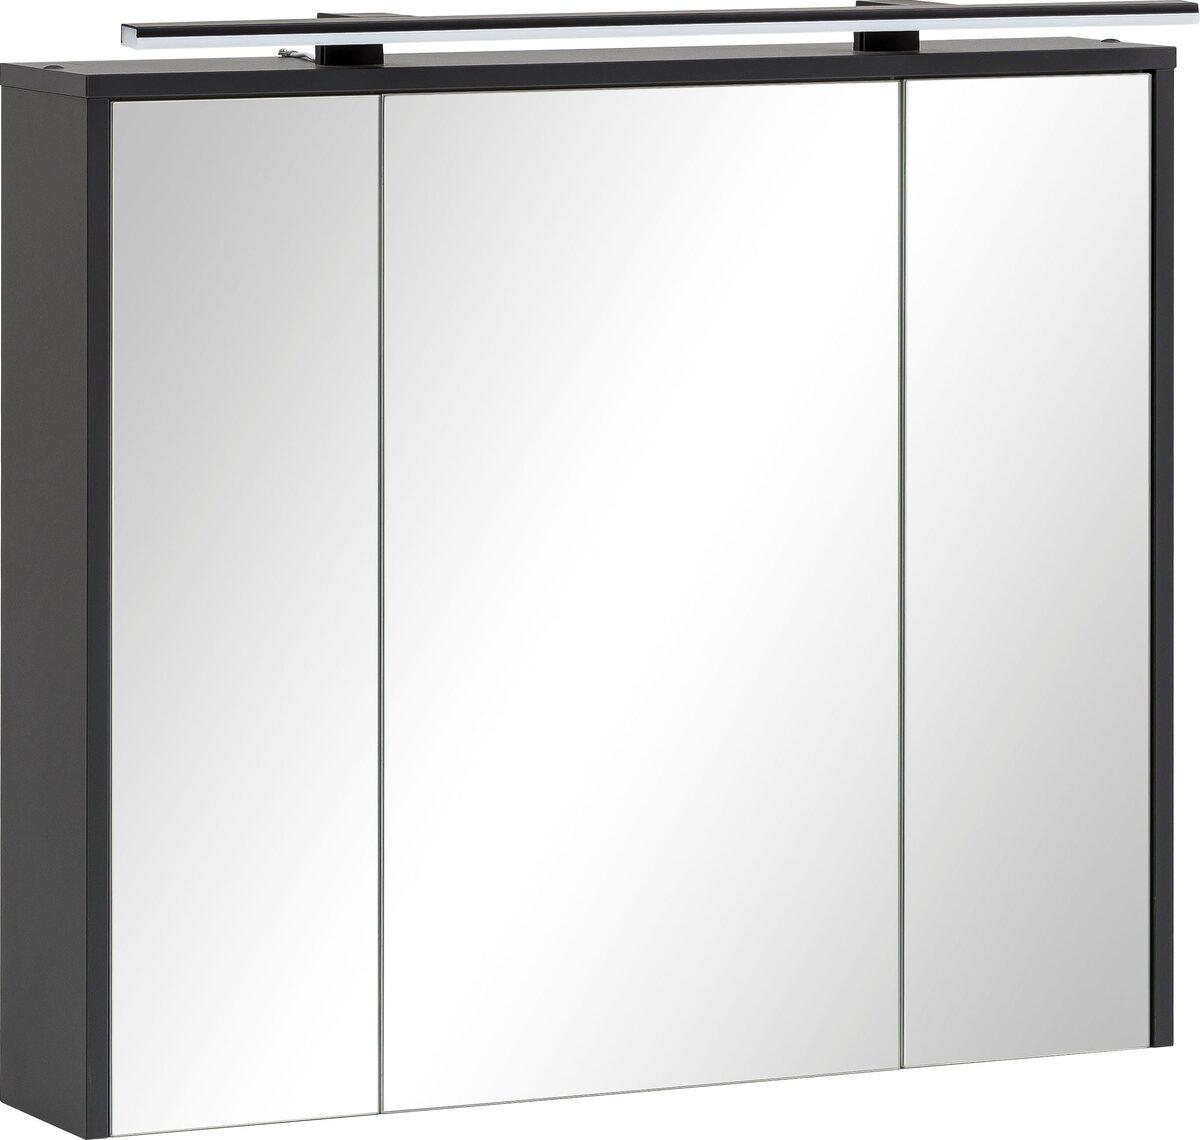 Bild 1 von Schildmeyer Spiegelschrank Breite 83,5 cm, 3-türig, LED-Beleuchtung, Steckdosenbox, Soft-Close-Funktion, Glaseinlegeböden, montiert, Made in Germany